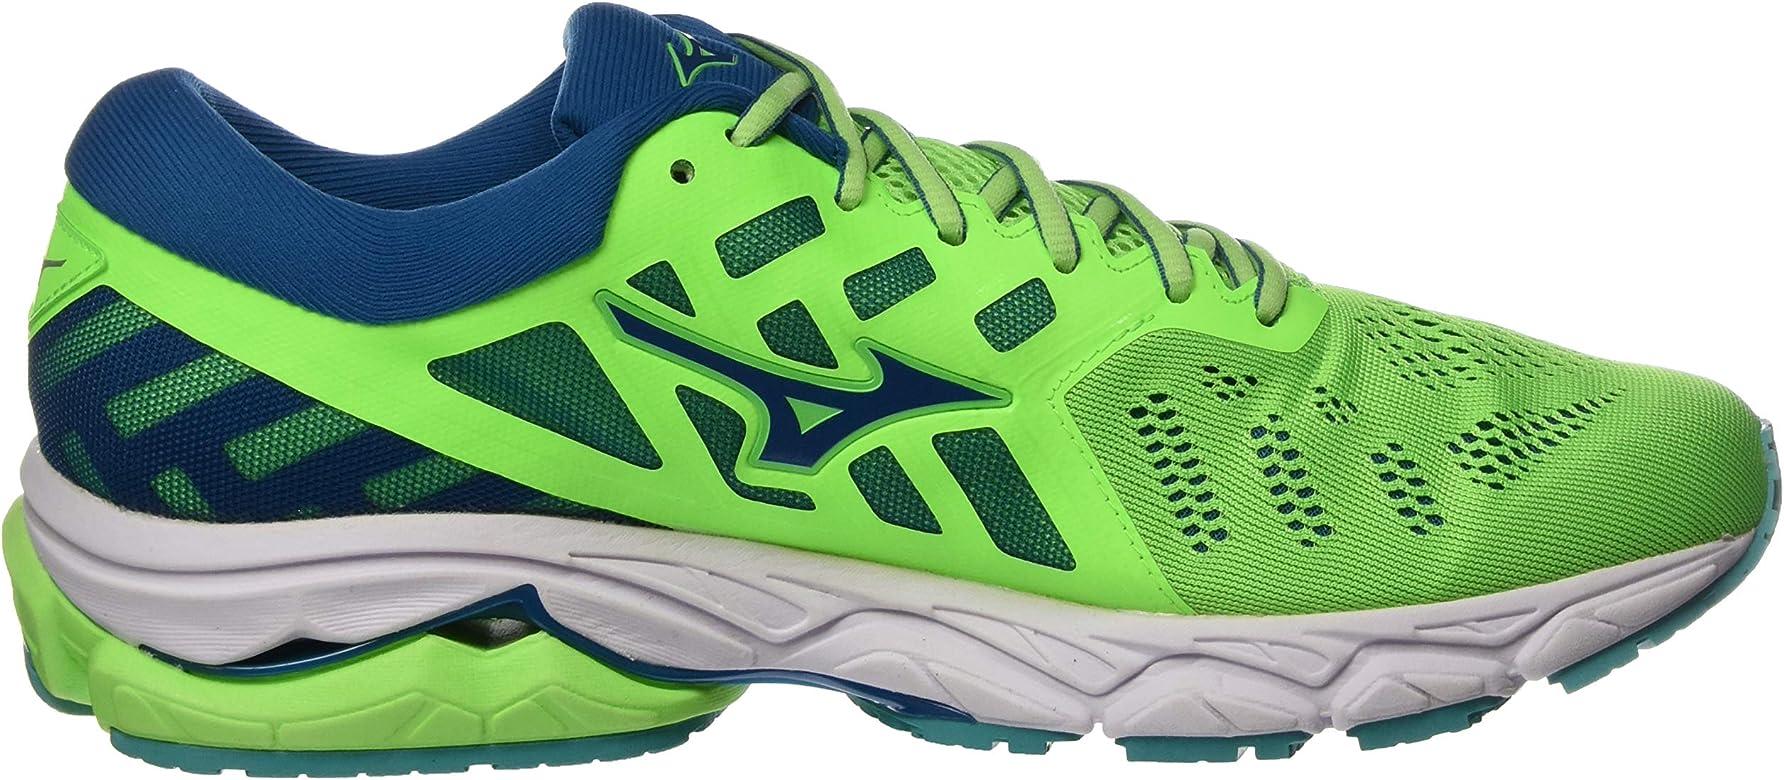 Mizuno Wave Ultima 11, Zapatillas de Running Hombre, Verde (Gecko/Blue Sapphire/Wht 16), 39 EU: Amazon.es: Zapatos y complementos